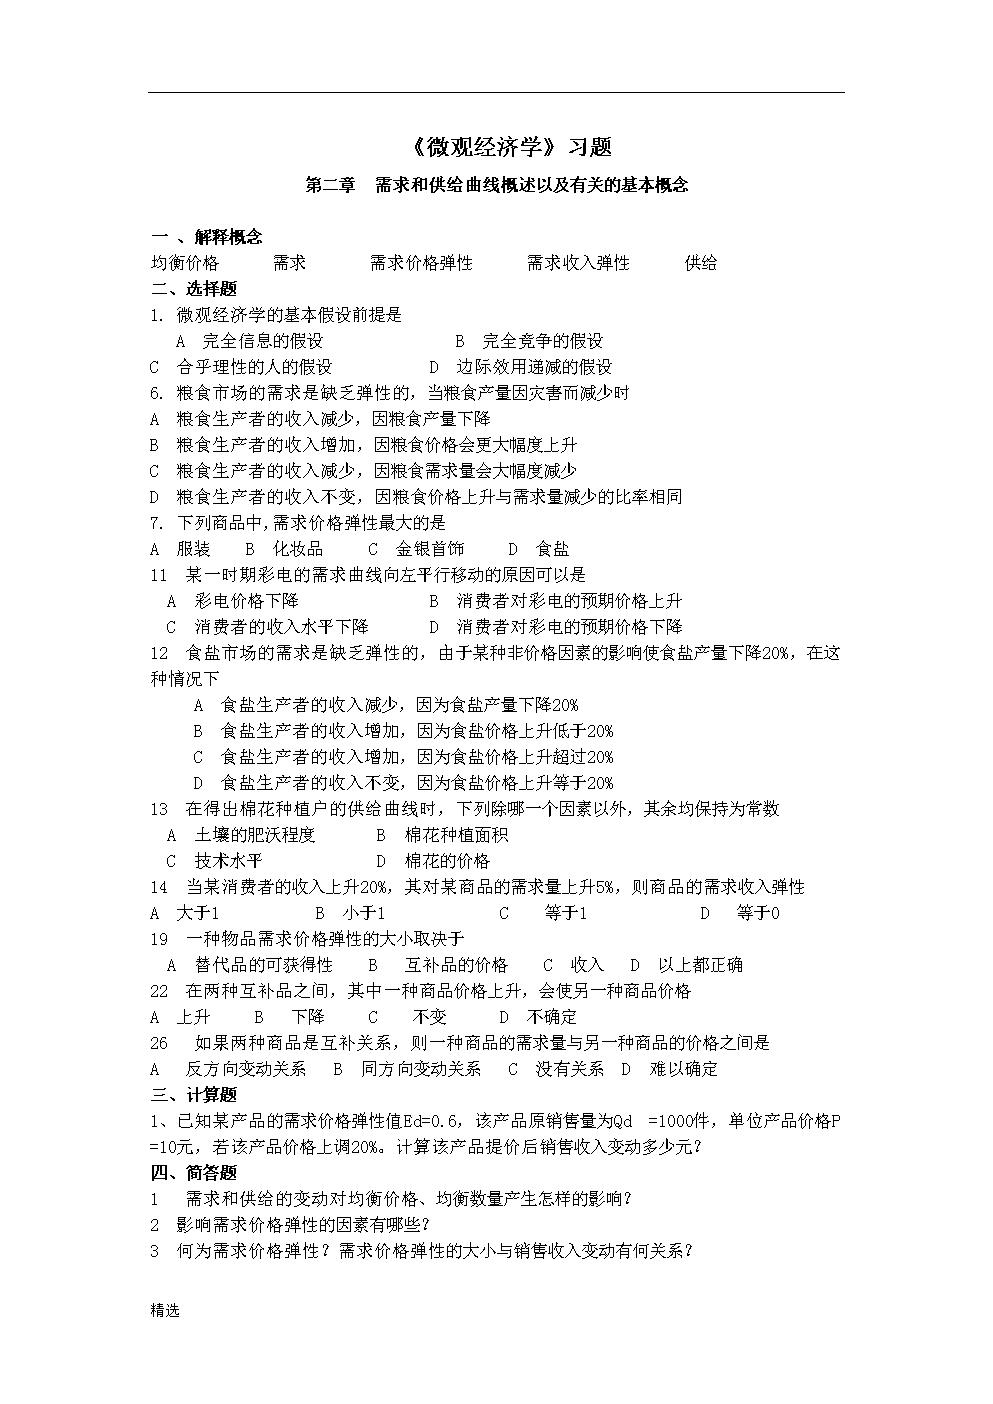 经济学原理练习题学习资料.docx